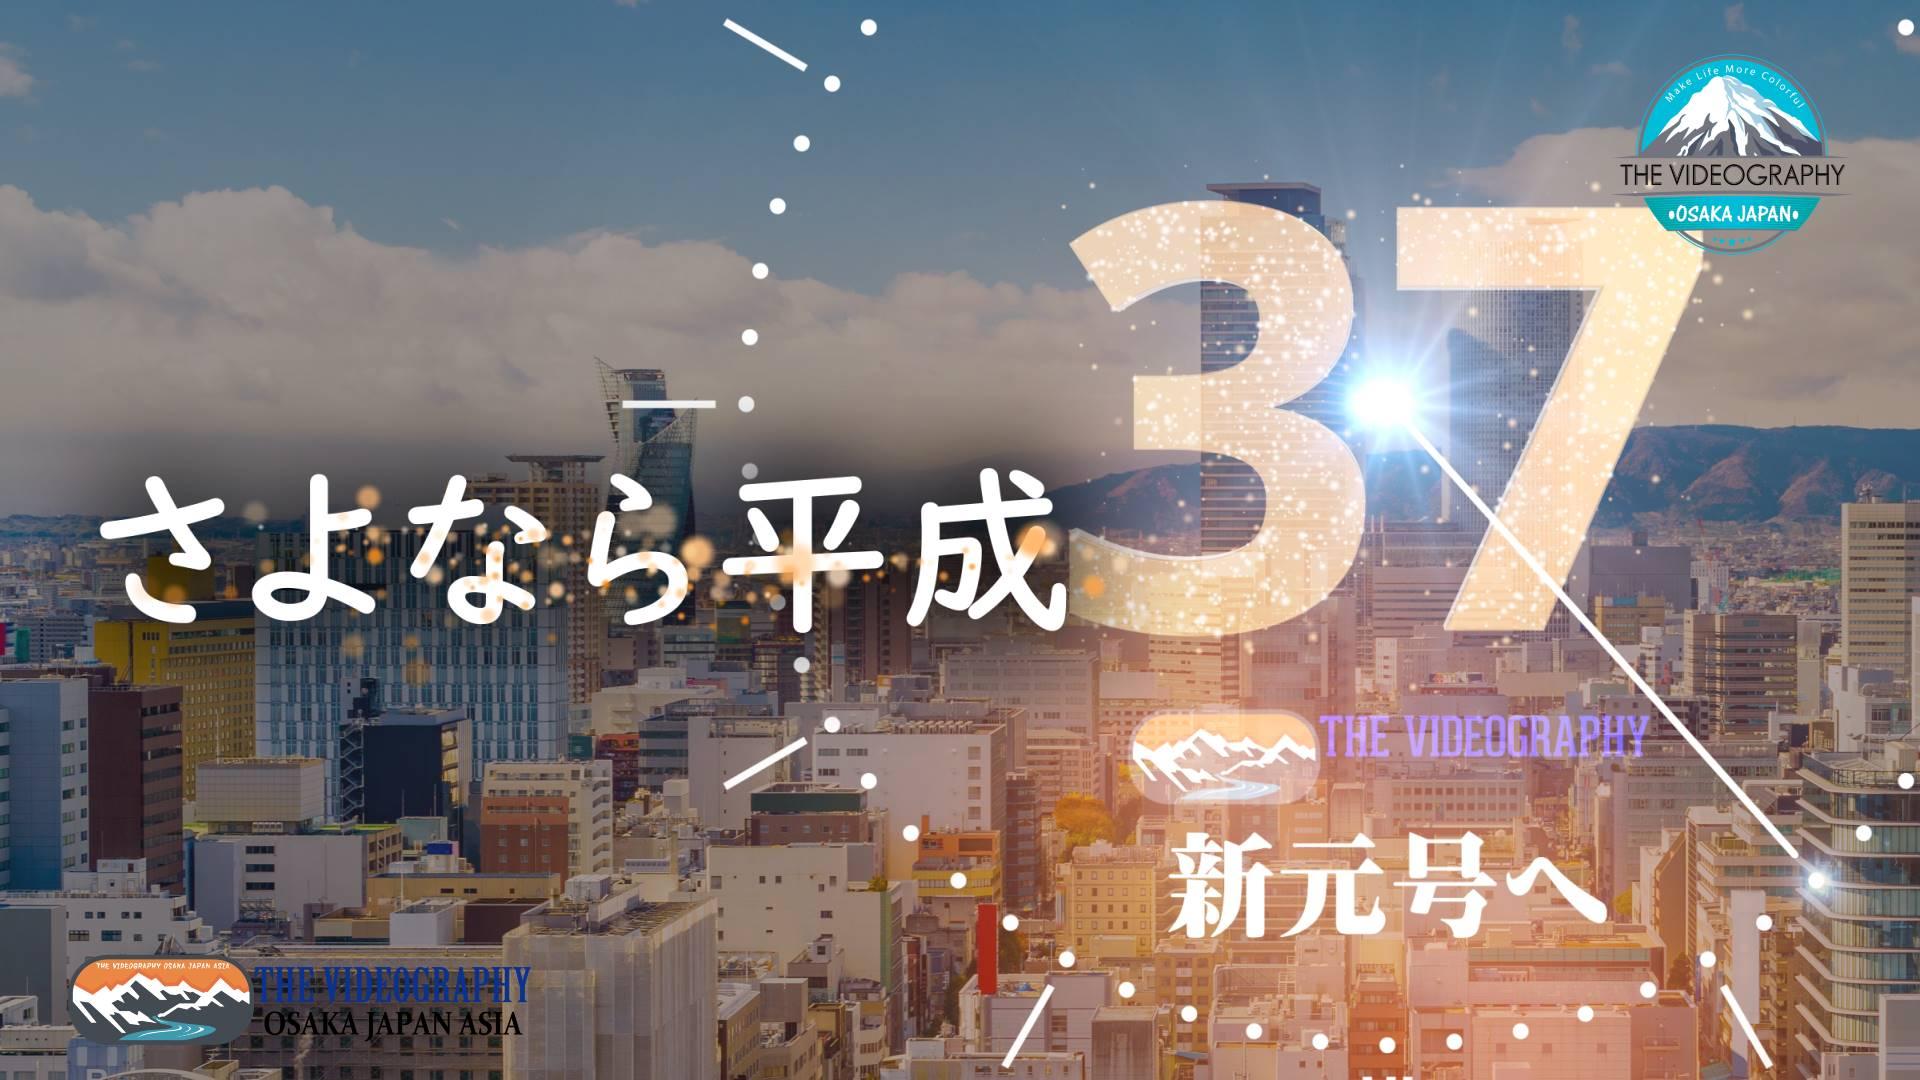 新元号「令和」カウントダウン動画・2019年5月1日改元。令和イベントに相応しいカウントダウンムービー。